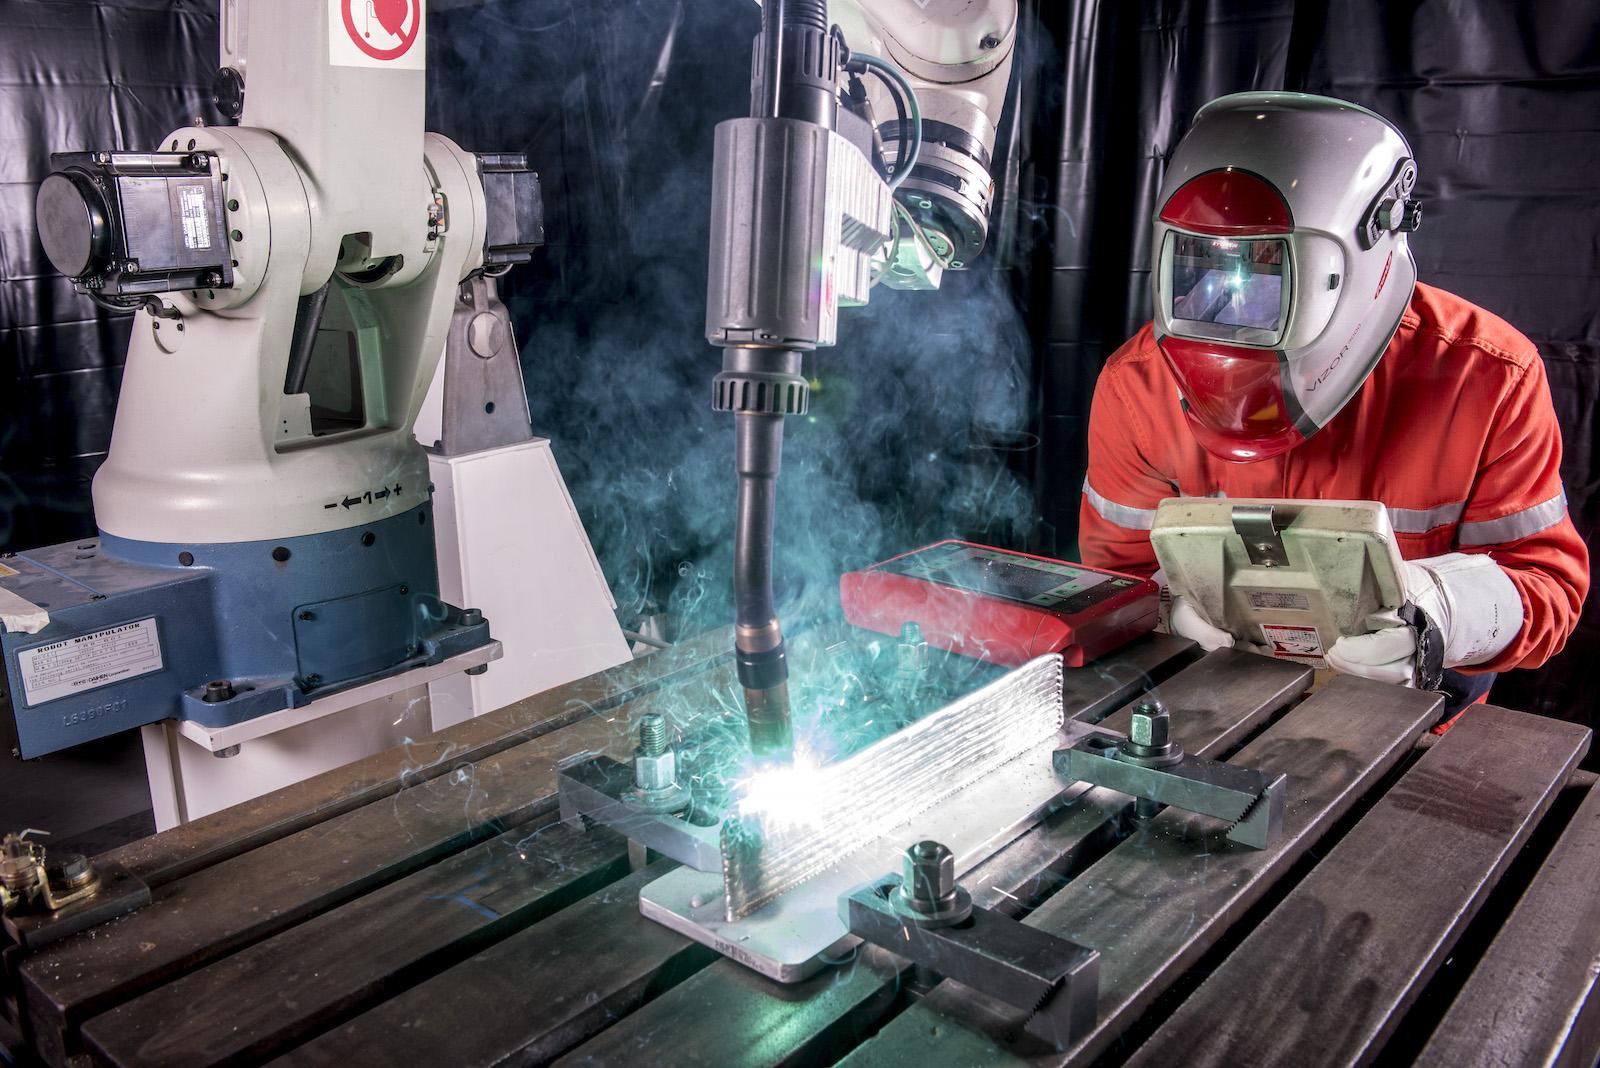 C-Tec additive manufacturing